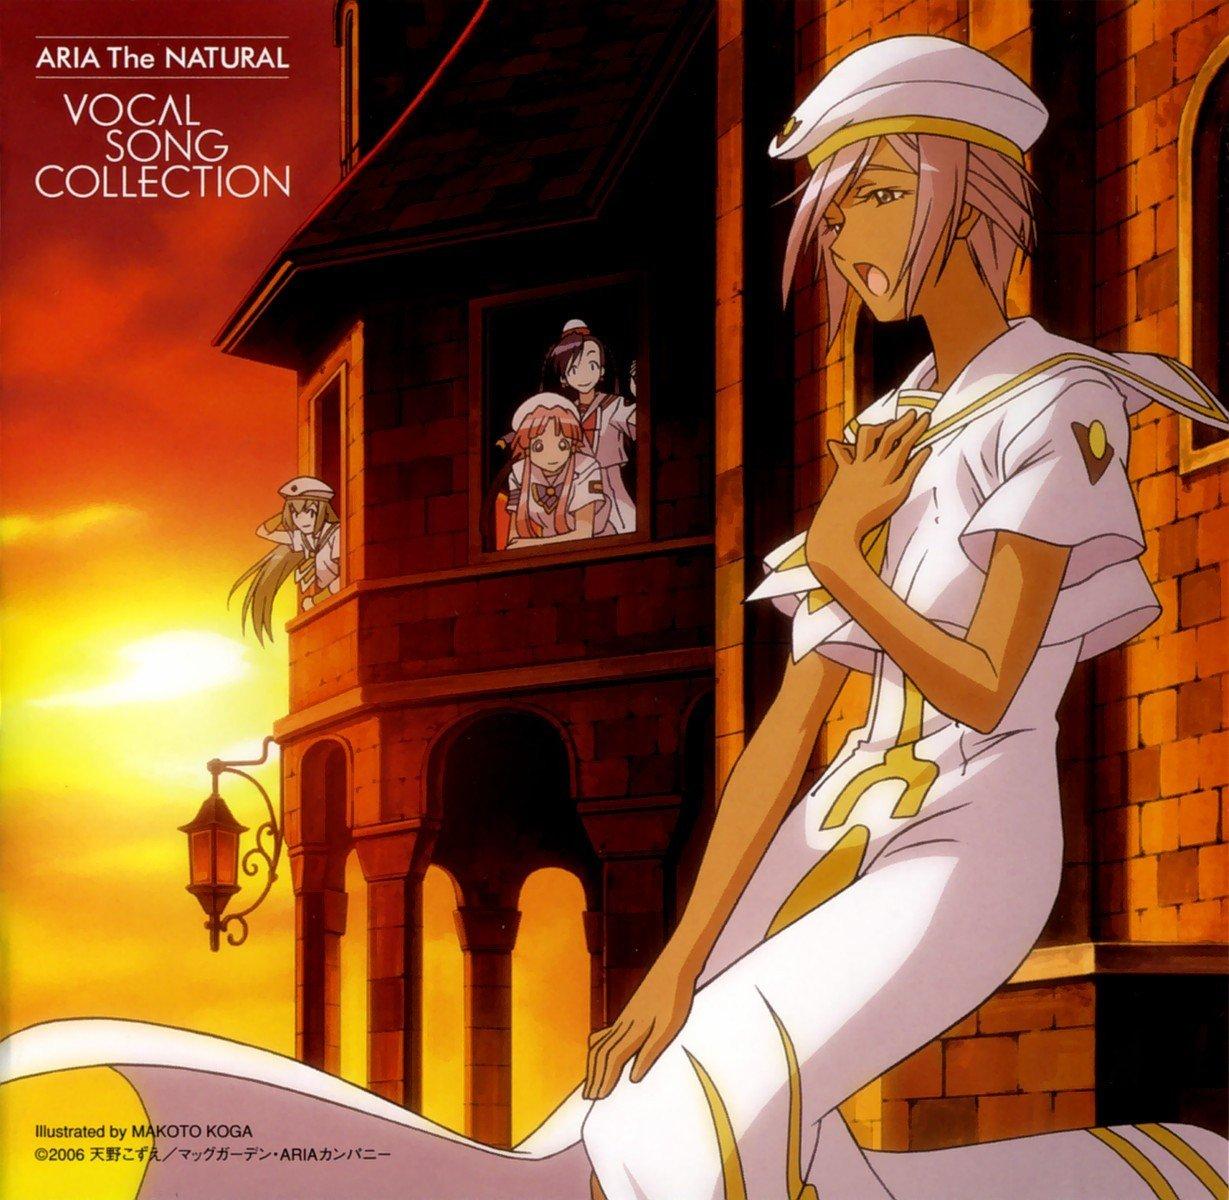 VA – ARIA The NATURAL ボーカルソング・コレクション [FLAC / 24bit Lossless / WEB] [2006.09.06]